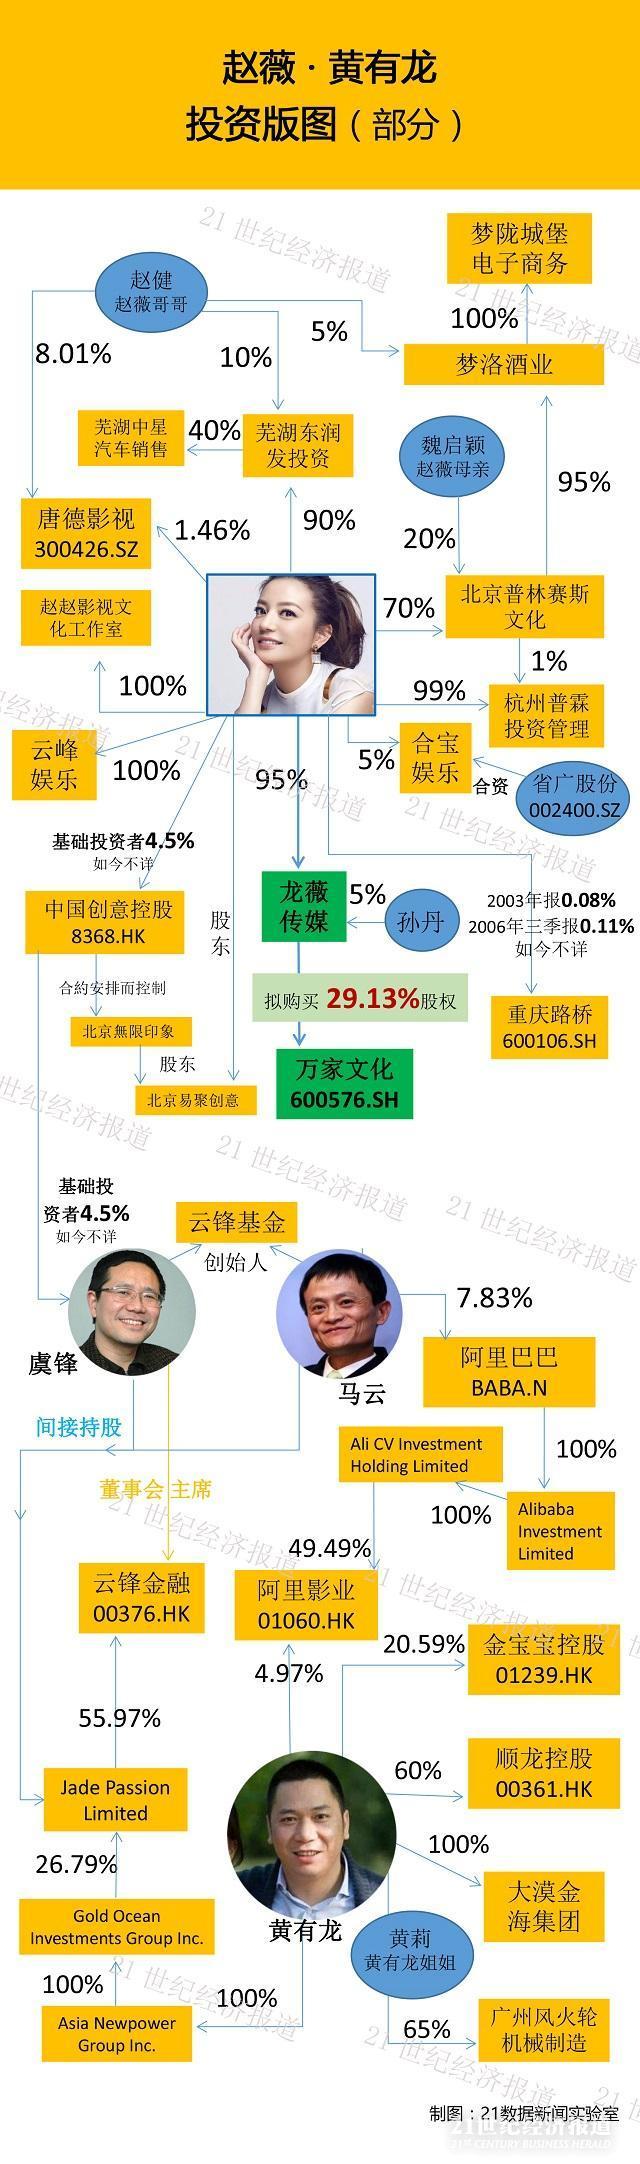 揭秘赵薇的投资版图:举债30亿的底气从何而来?